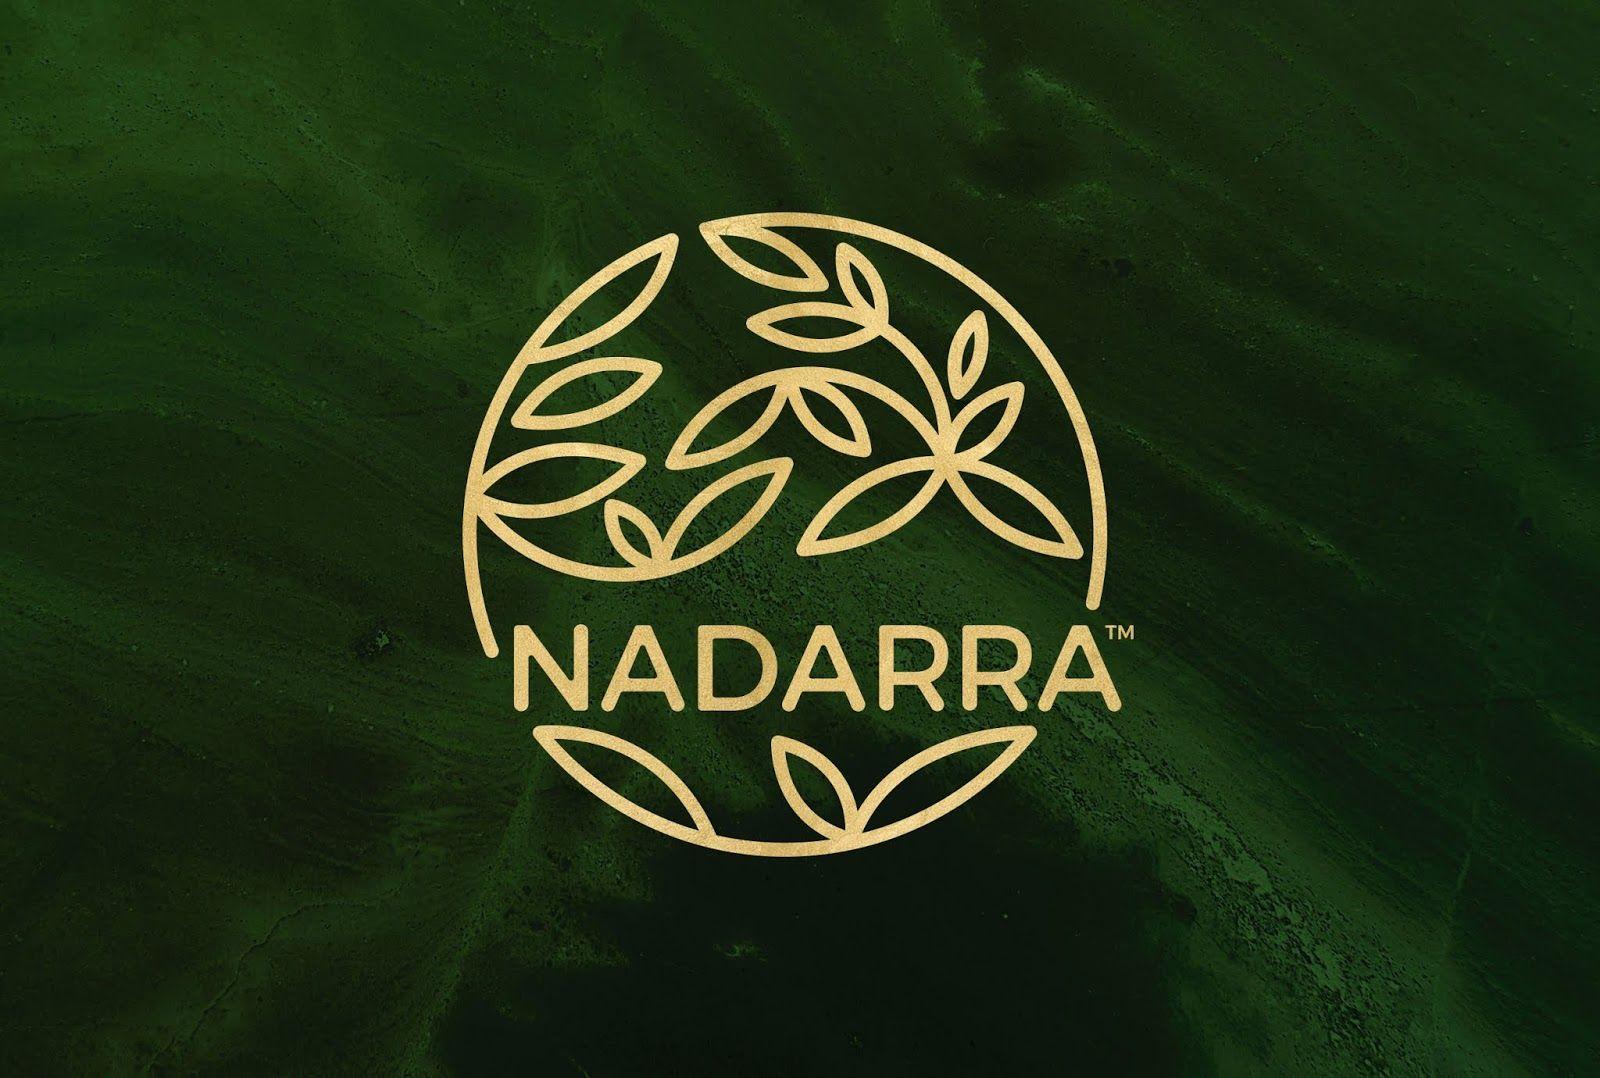 Nadarra.jpg